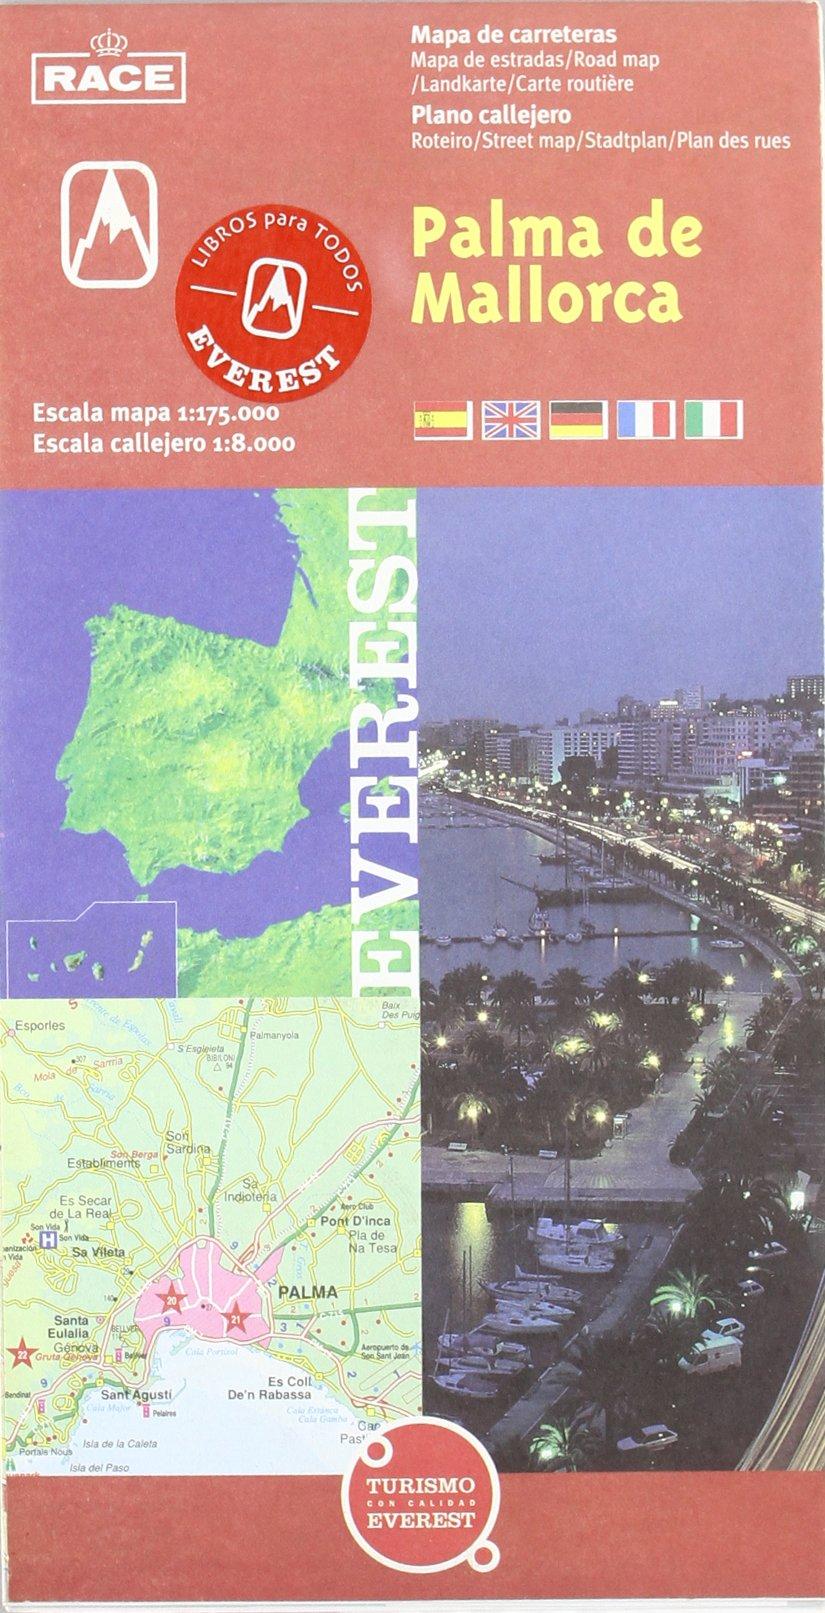 Palma de Mallorca. Plano callejero y mapa de carreteras: Plano callejero. Mapa de carreteras Planos callejeros / serie roja: Amazon.es: Cartografía Everest: Libros